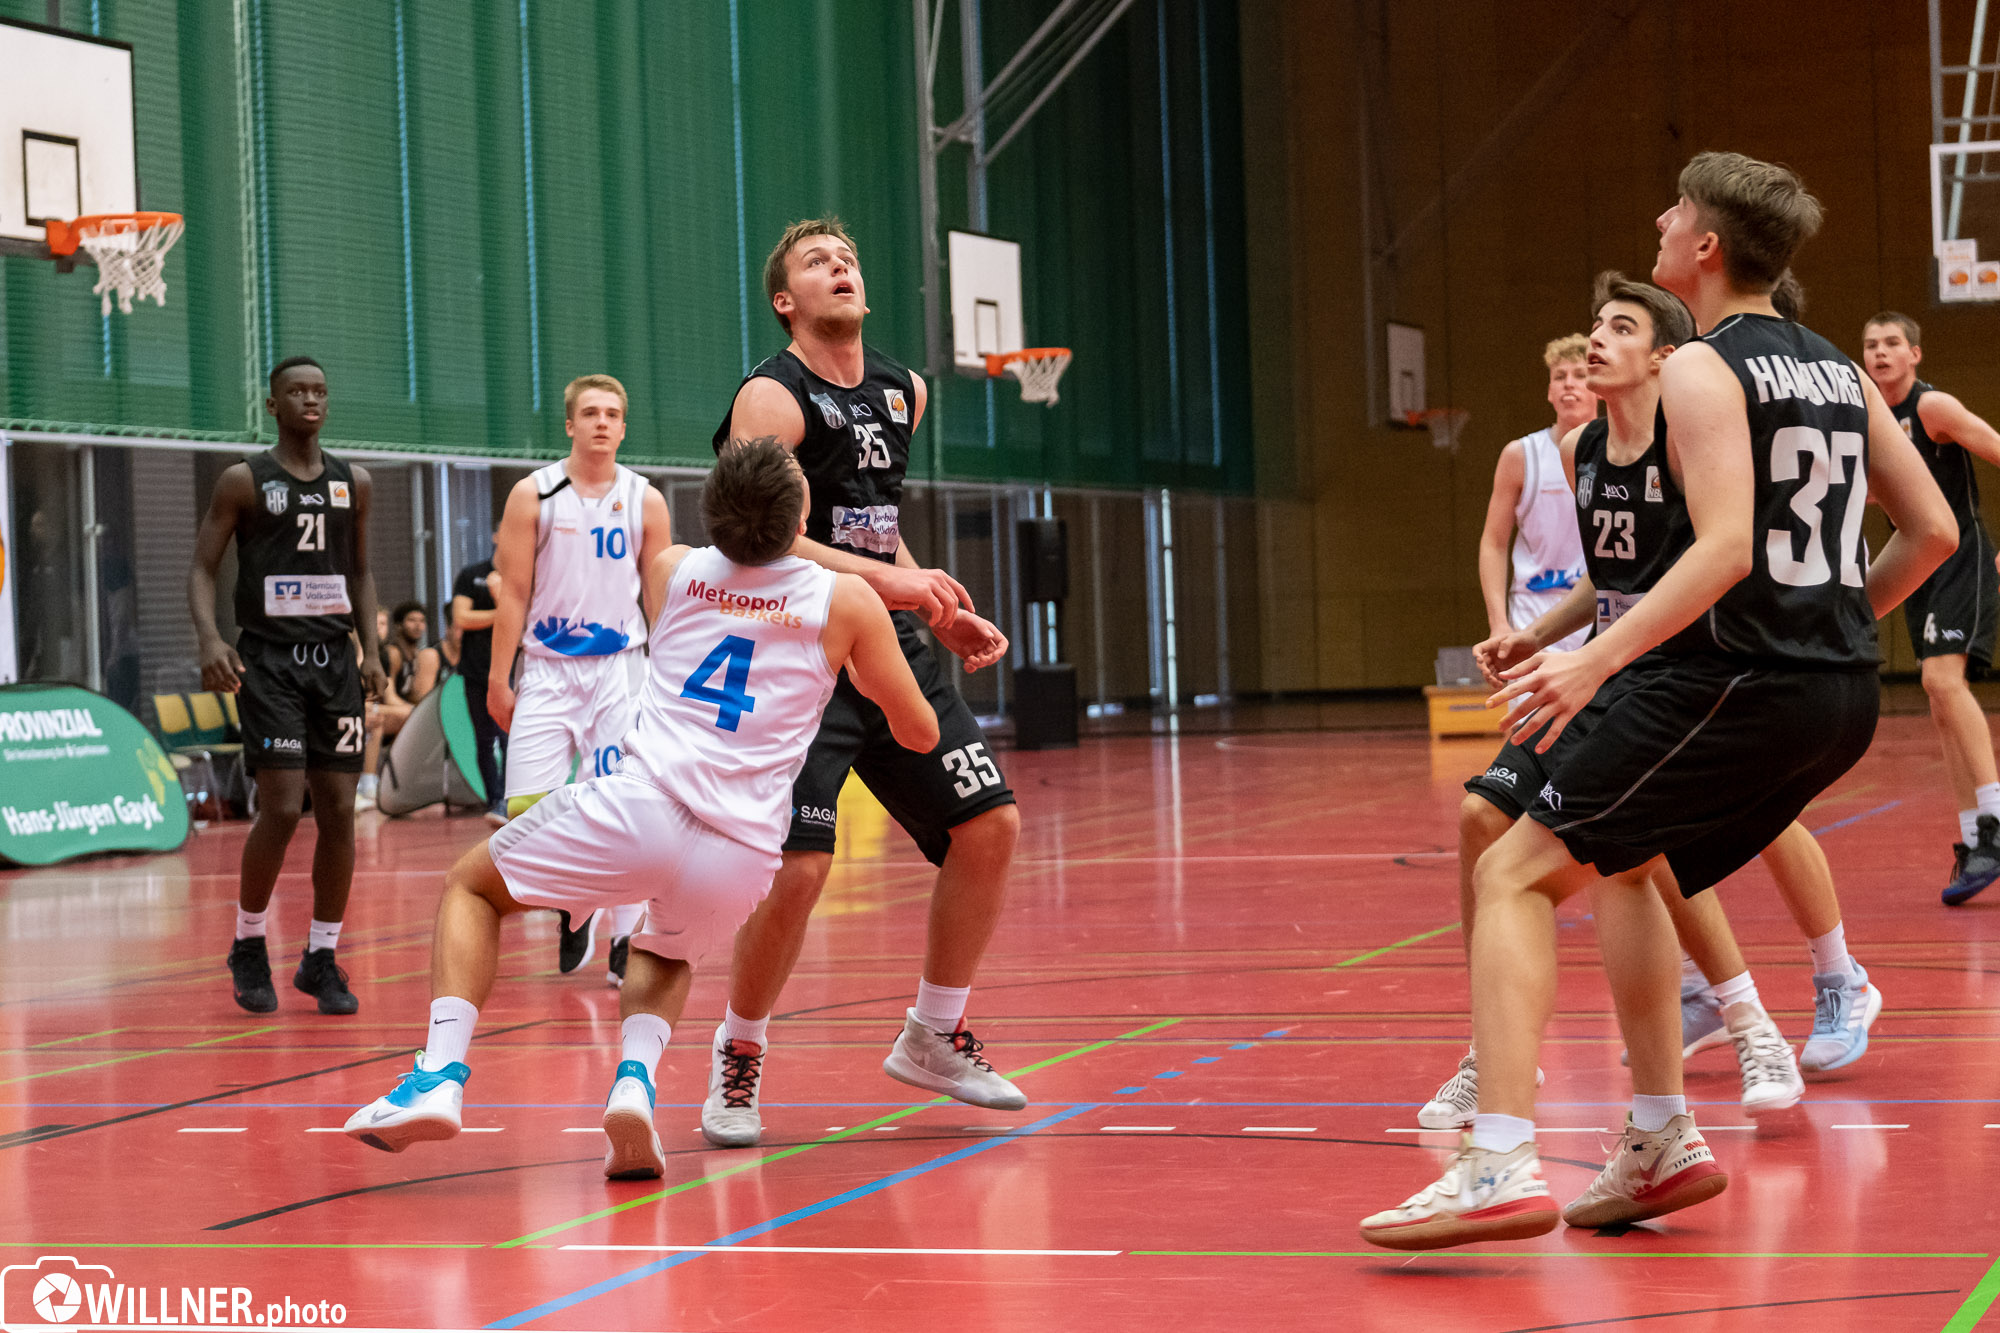 Foto-5-27.10.2019_-Spieltag-3-NBBL-Hamburg-Towers-gegen-Metropol-Baskets-Ruhr